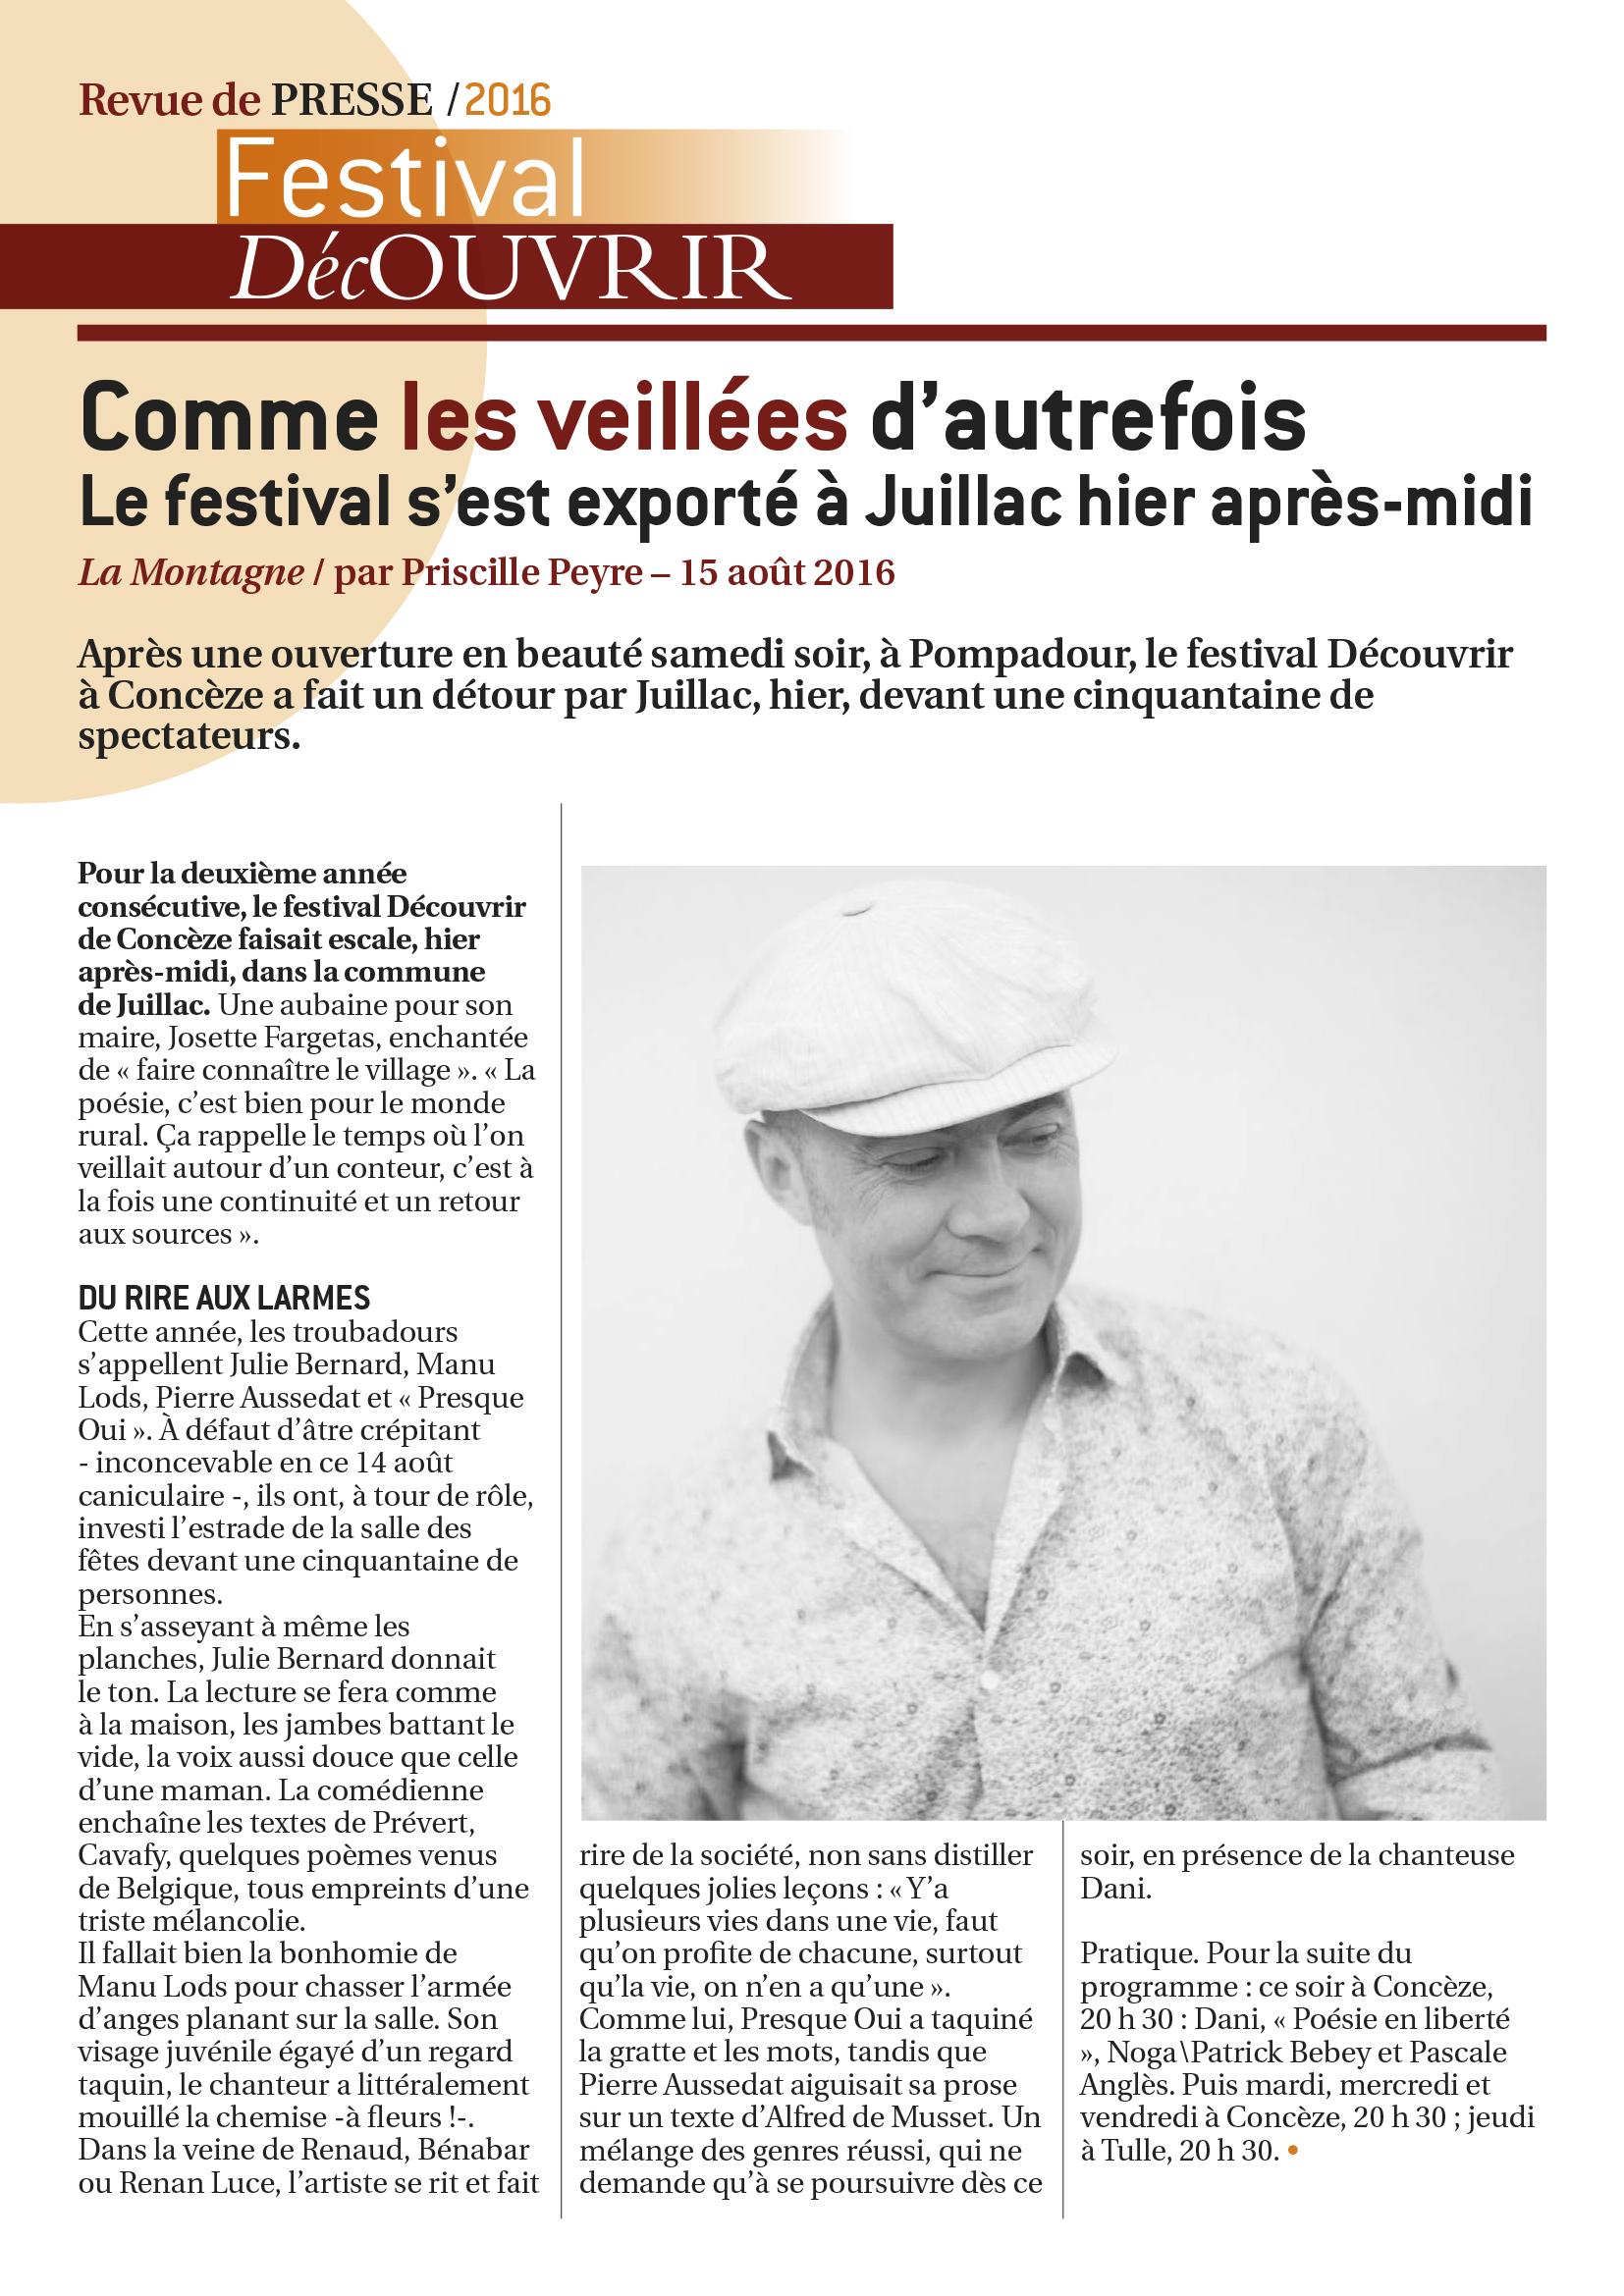 Revue de Presse FDC 2016-2